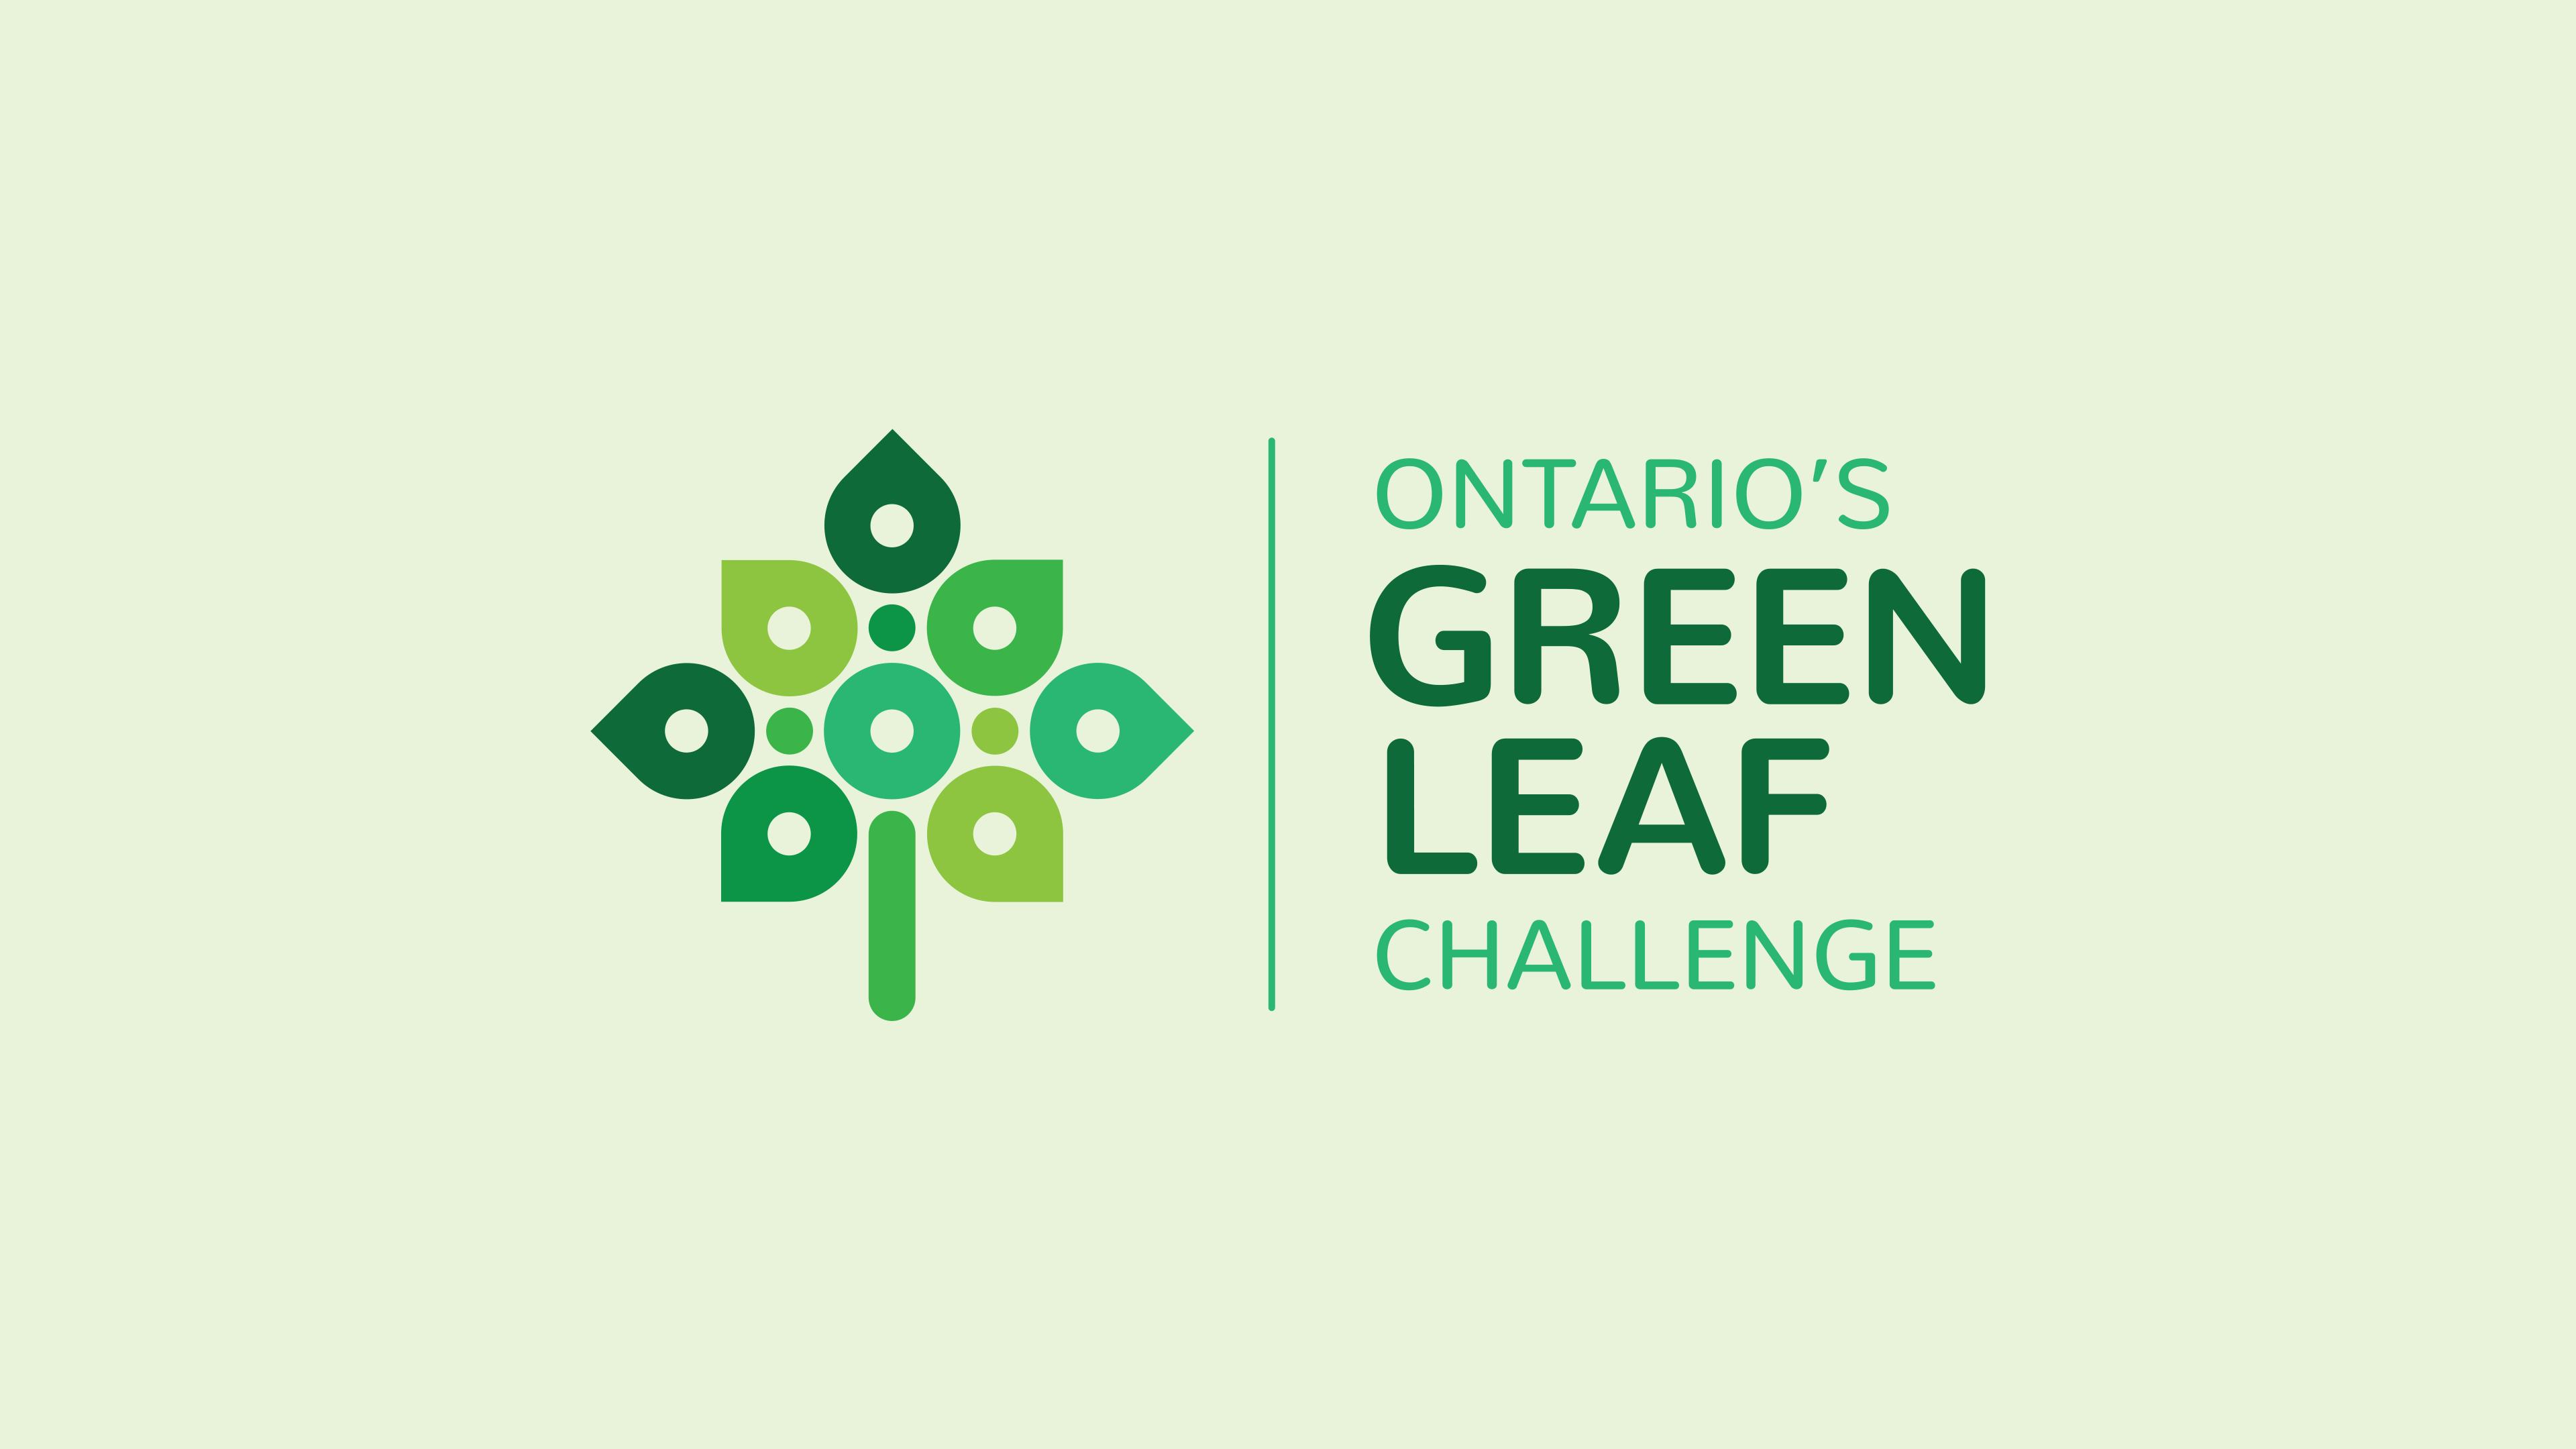 Green Leaf Challenge